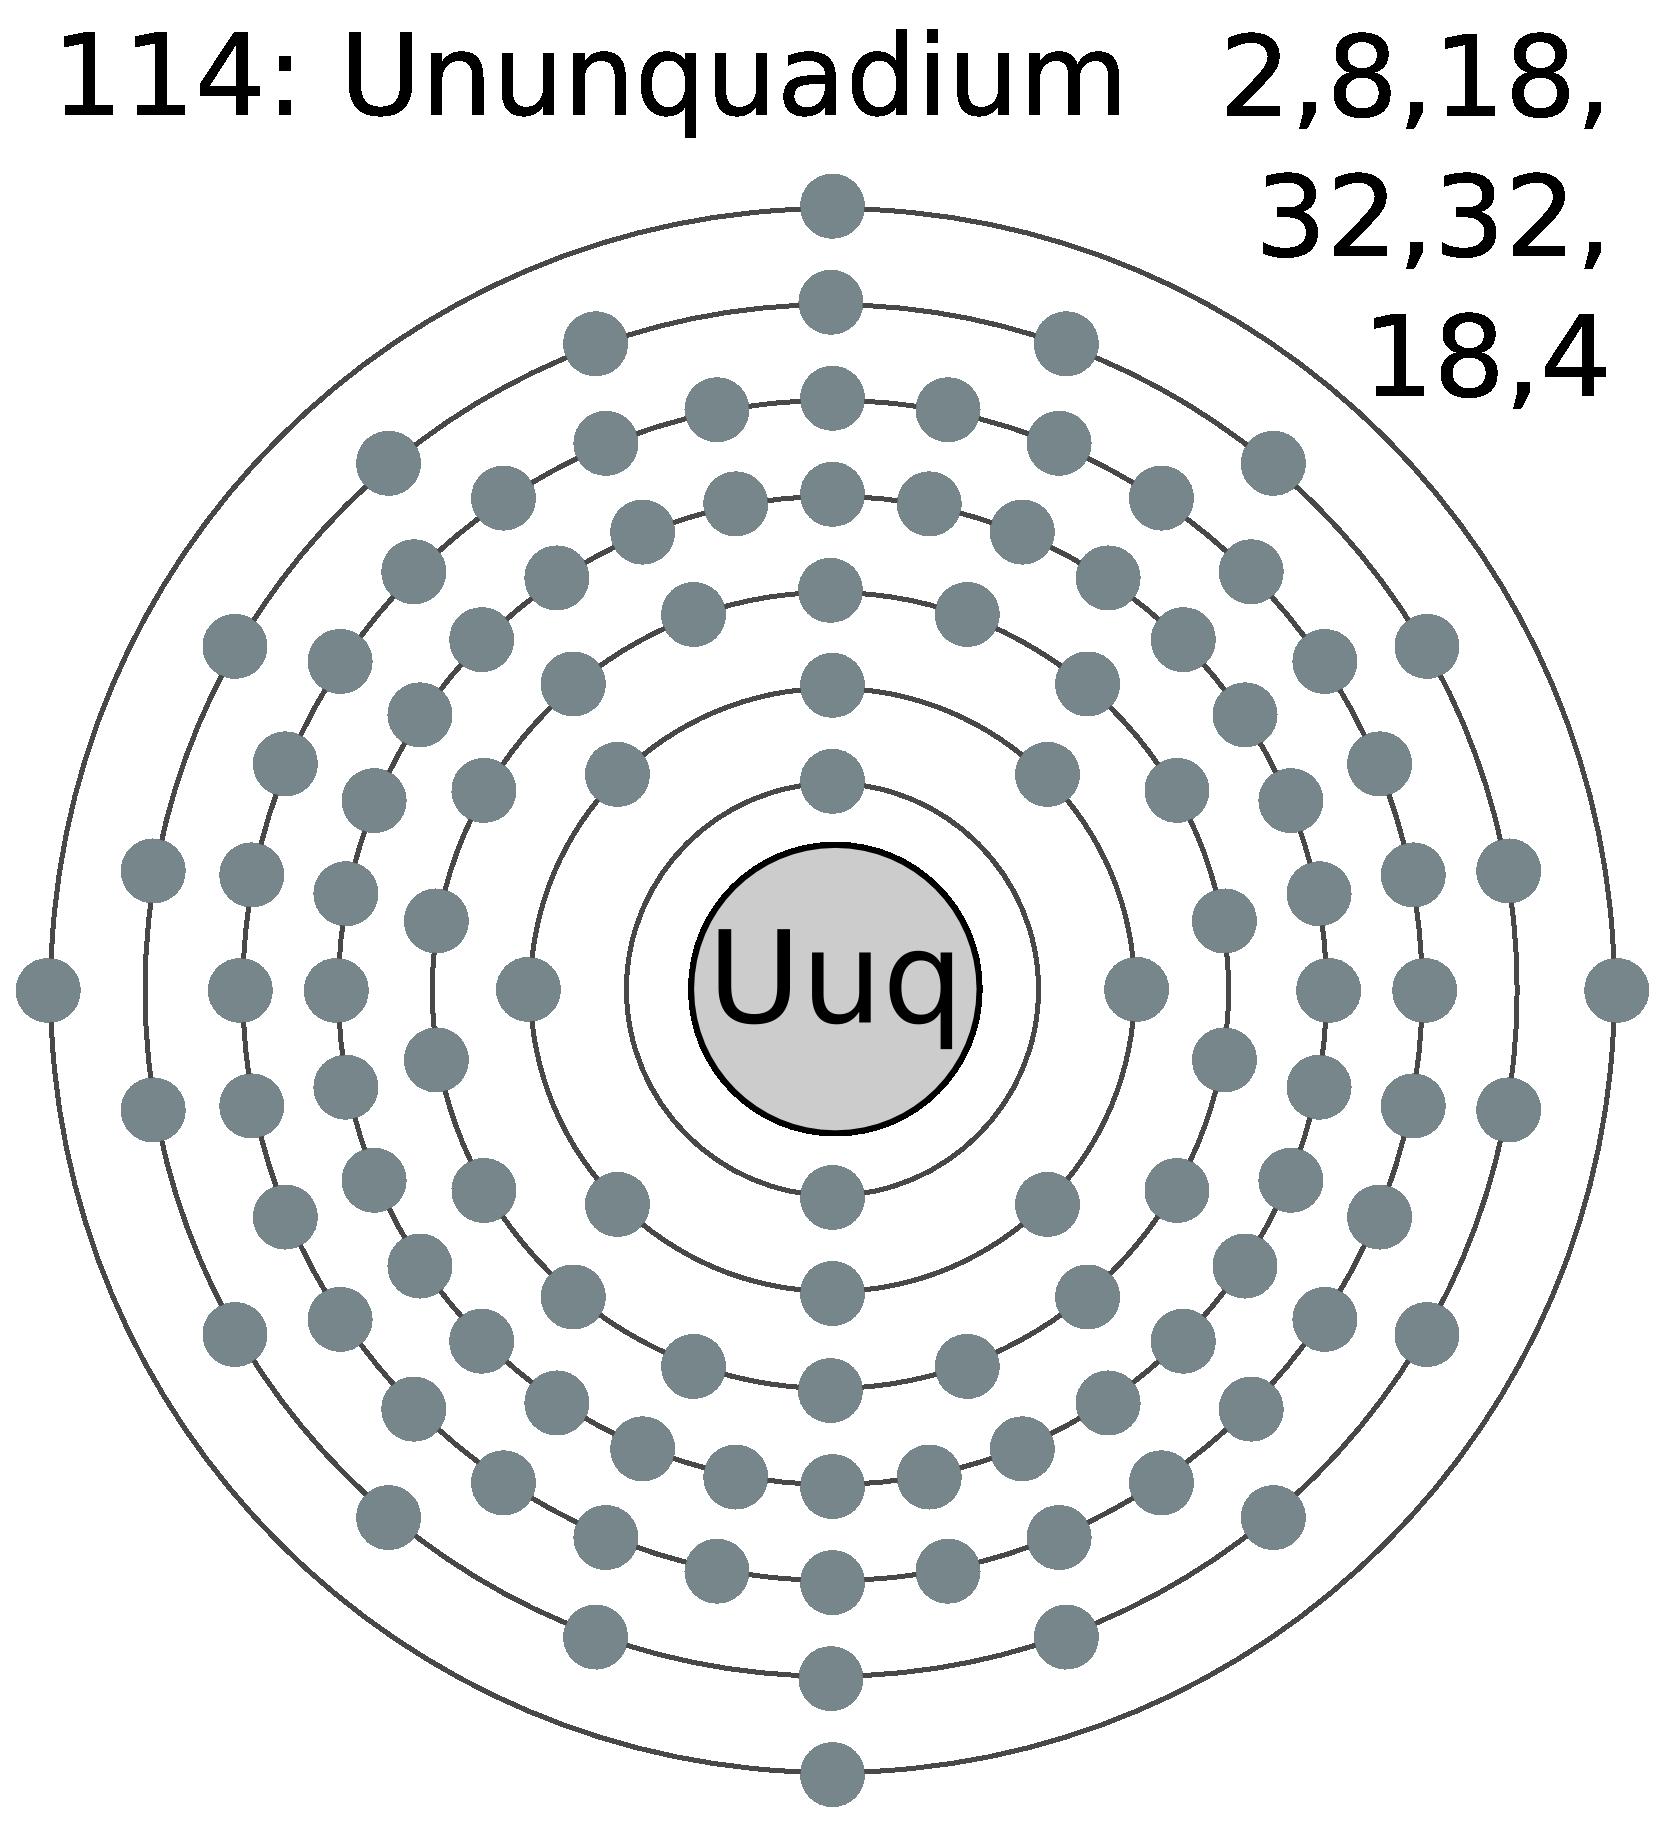 Ununquadium d finition c 39 est quoi for 114 element periodic table